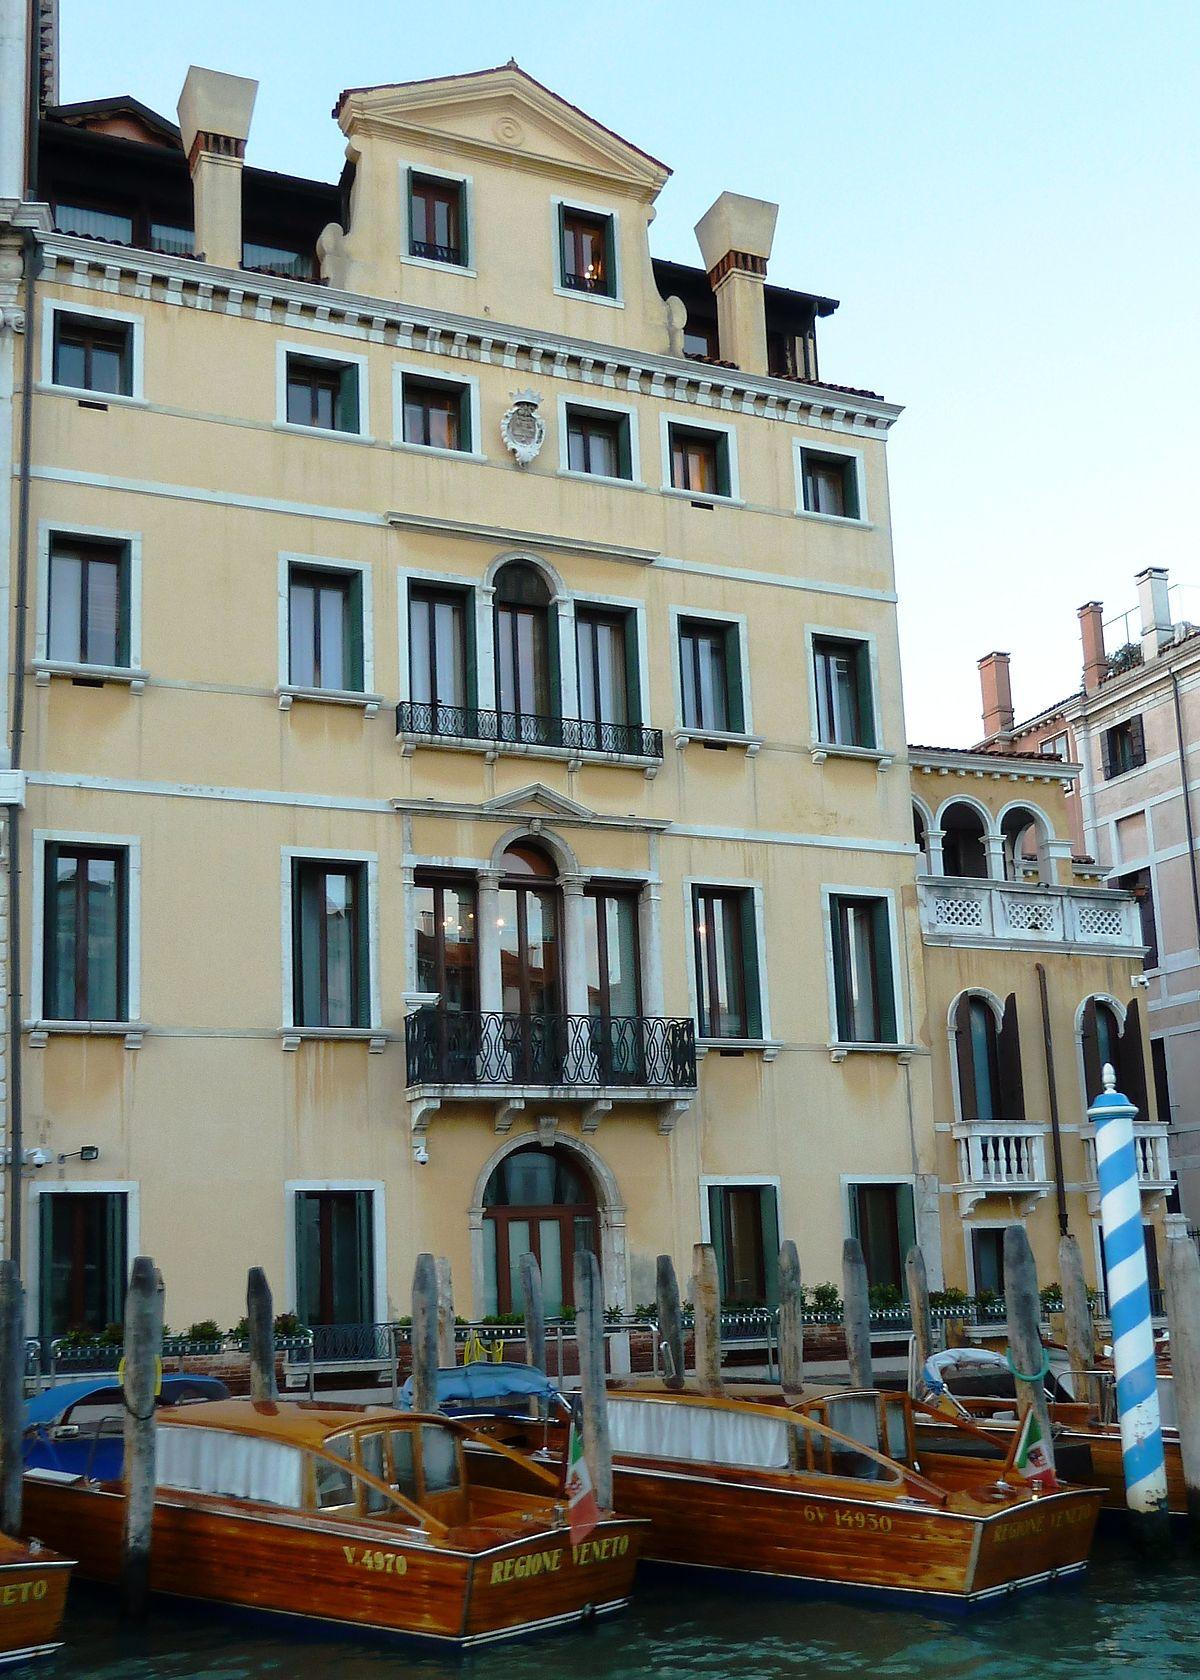 Palazzo caotorta angaran wikipedia for Palazzo a 4 piani